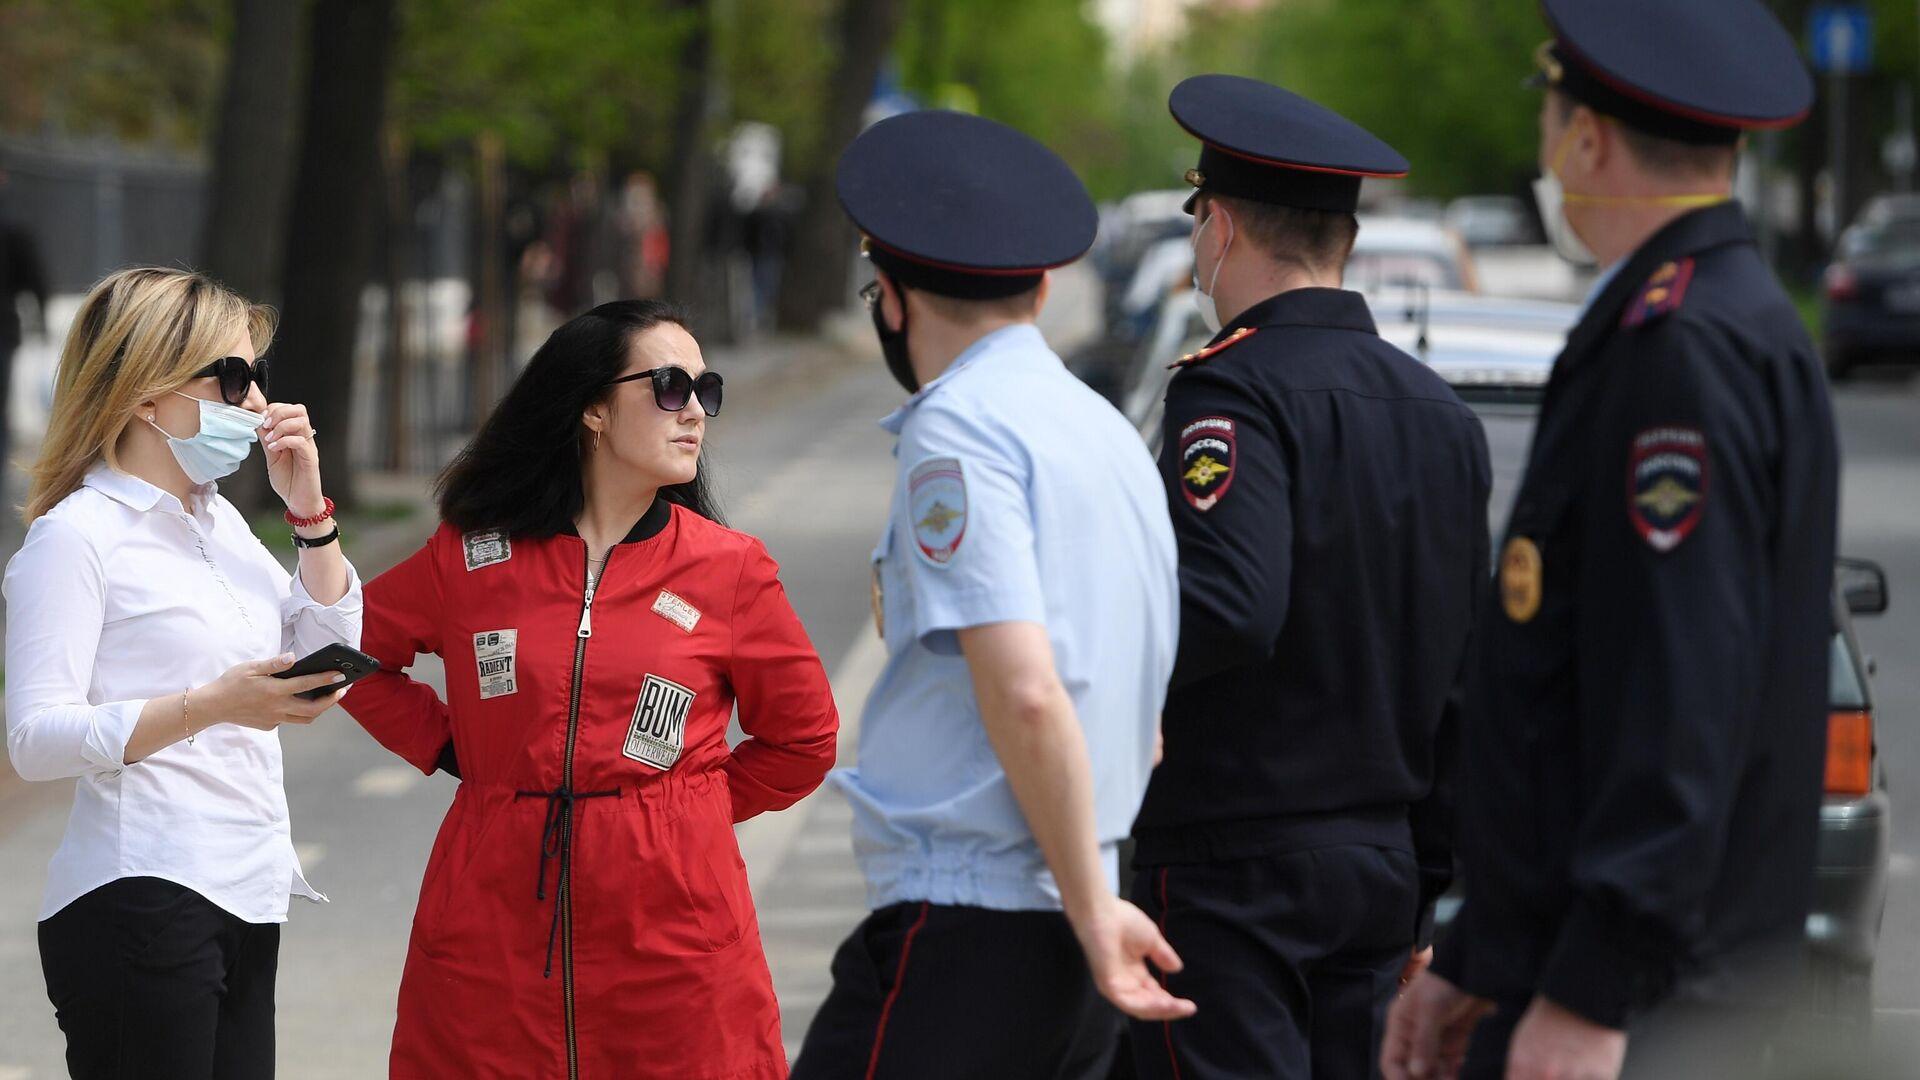 Девушки и сотрудники полиции в Казани - РИА Новости, 1920, 25.06.2021